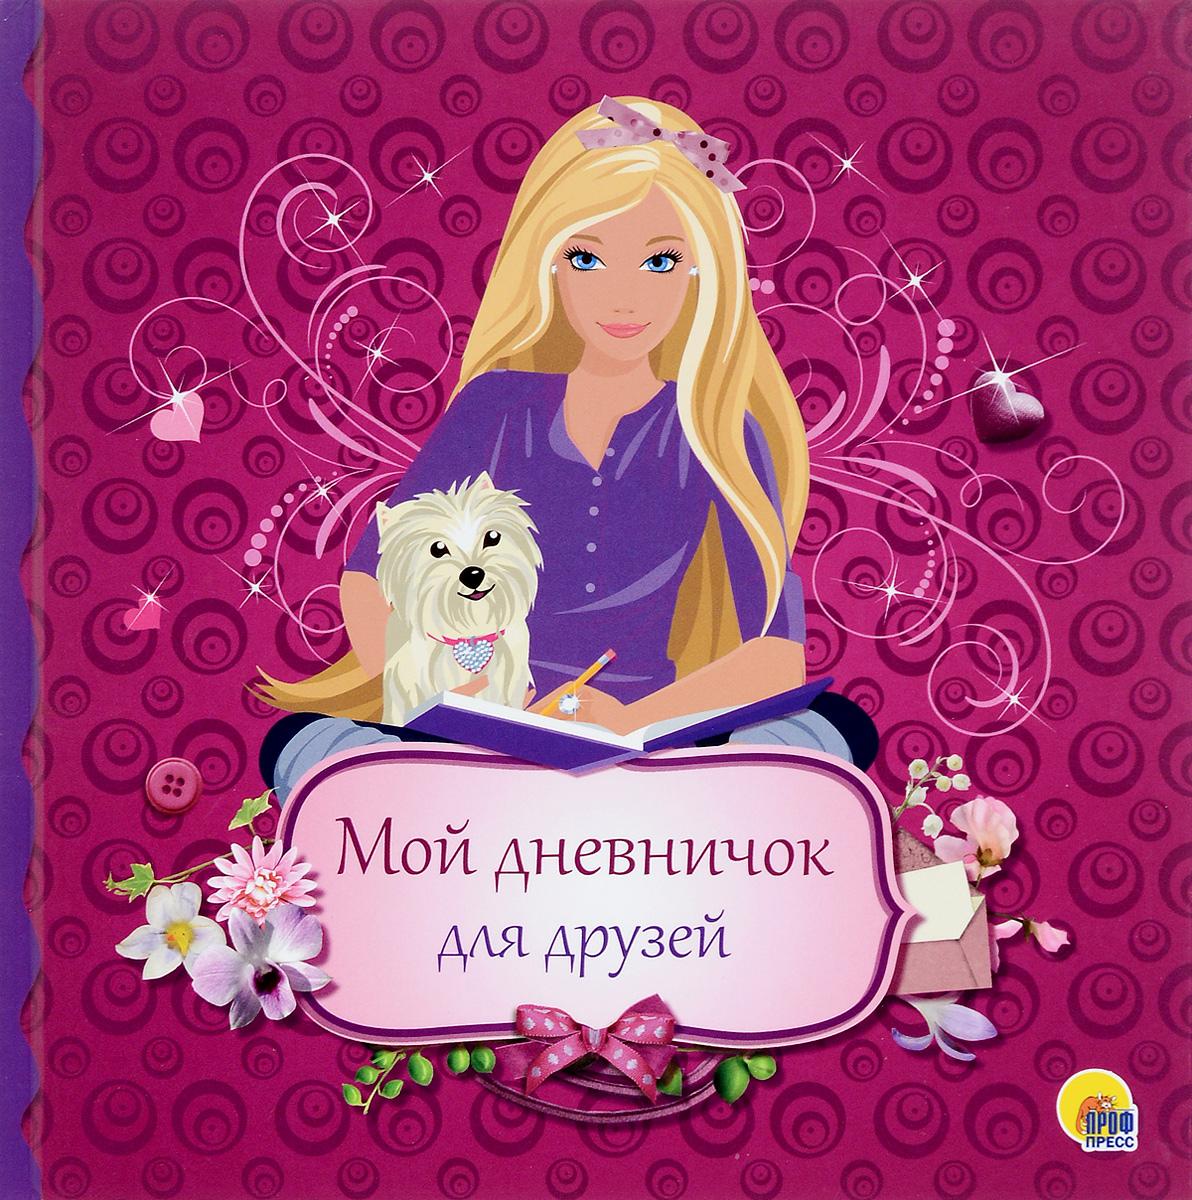 Мой дневничок для друзей мой дневничок для друзей